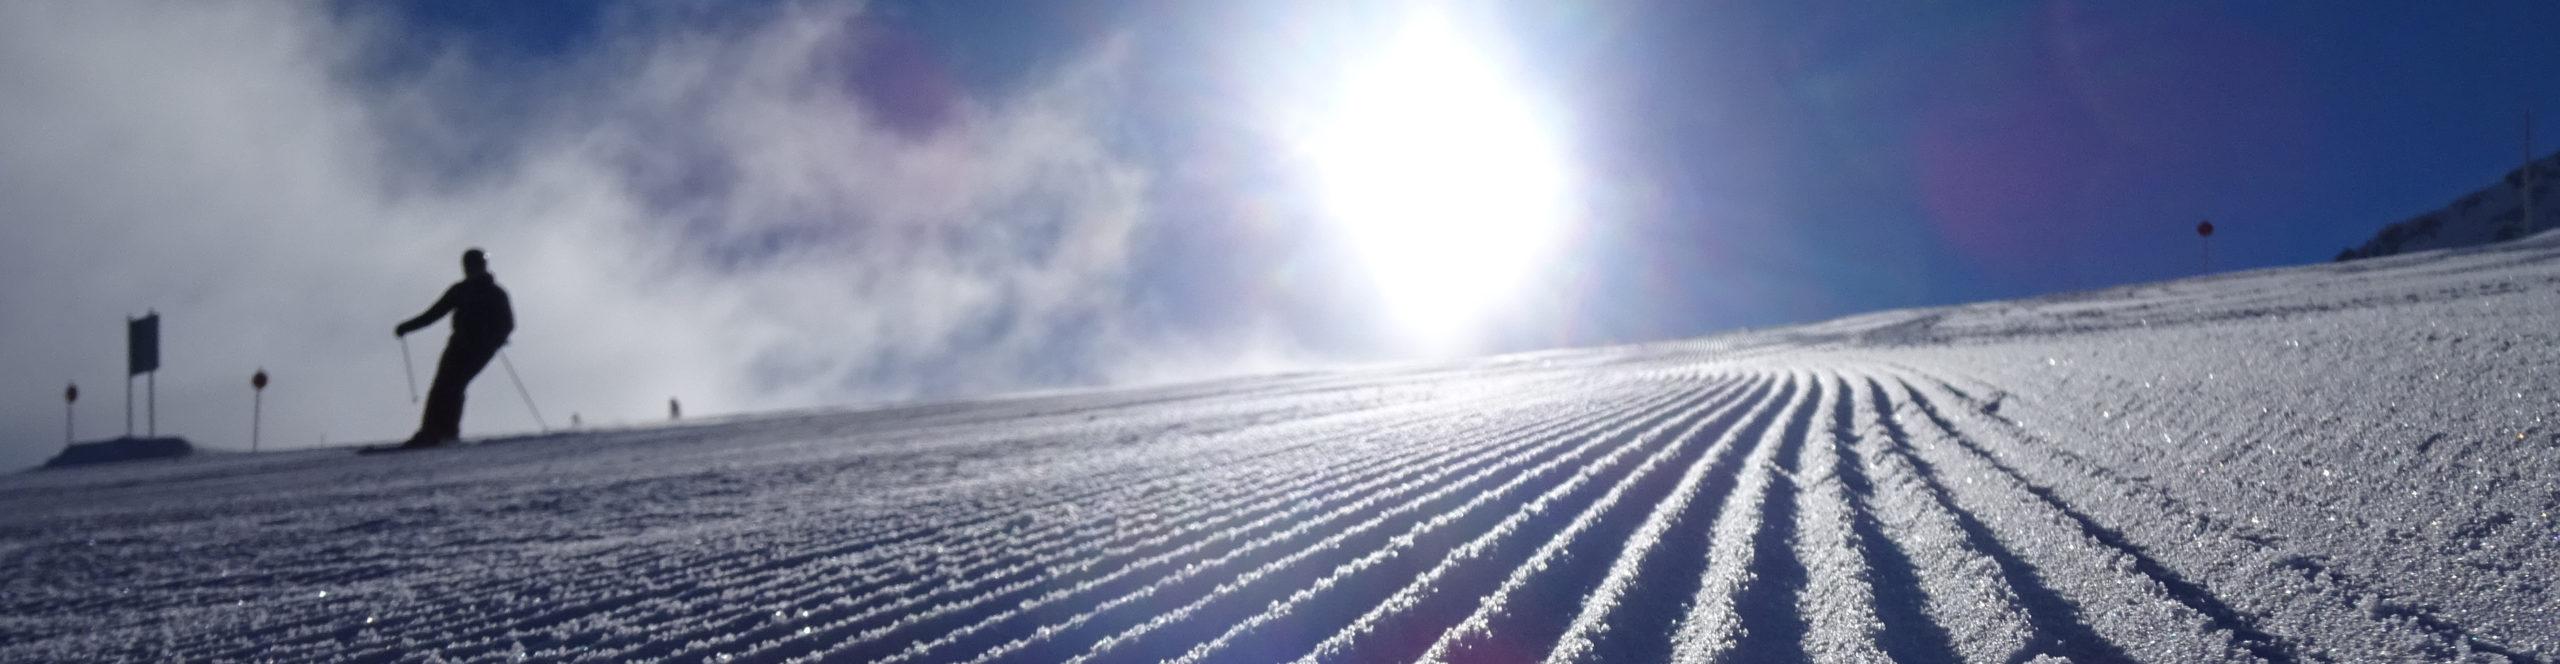 FLACHAU – ST. JOHANN- Skiwochenende – 4 STERNE WellnessWochenende mit Schwimmbad direkt an der Piste – ab Donnerstag